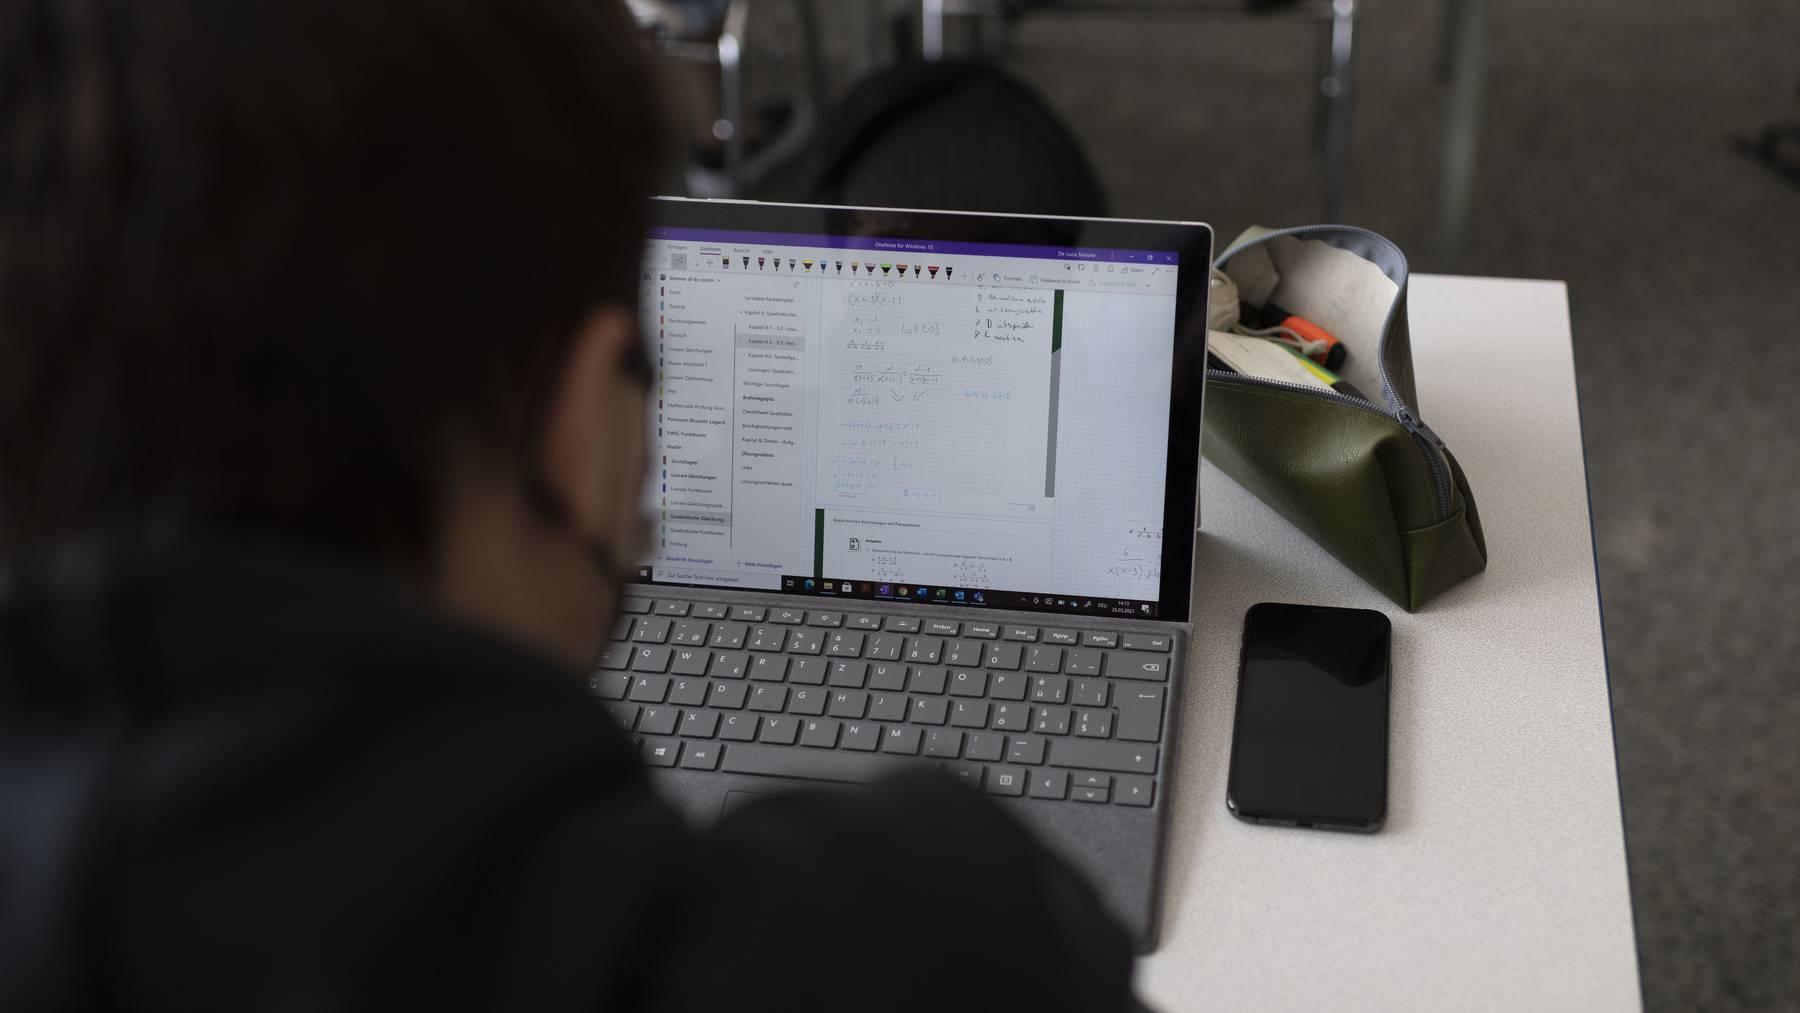 Ein Schueler der Klasse 21-M2.20 der Wirtschaftsschule KV Zuerich arbeitet Maske tragend selbststaendig am Laptop waehrend des Mathematikunterrichts, fotografiert am 25. Maerz 2021 in Zuerich.